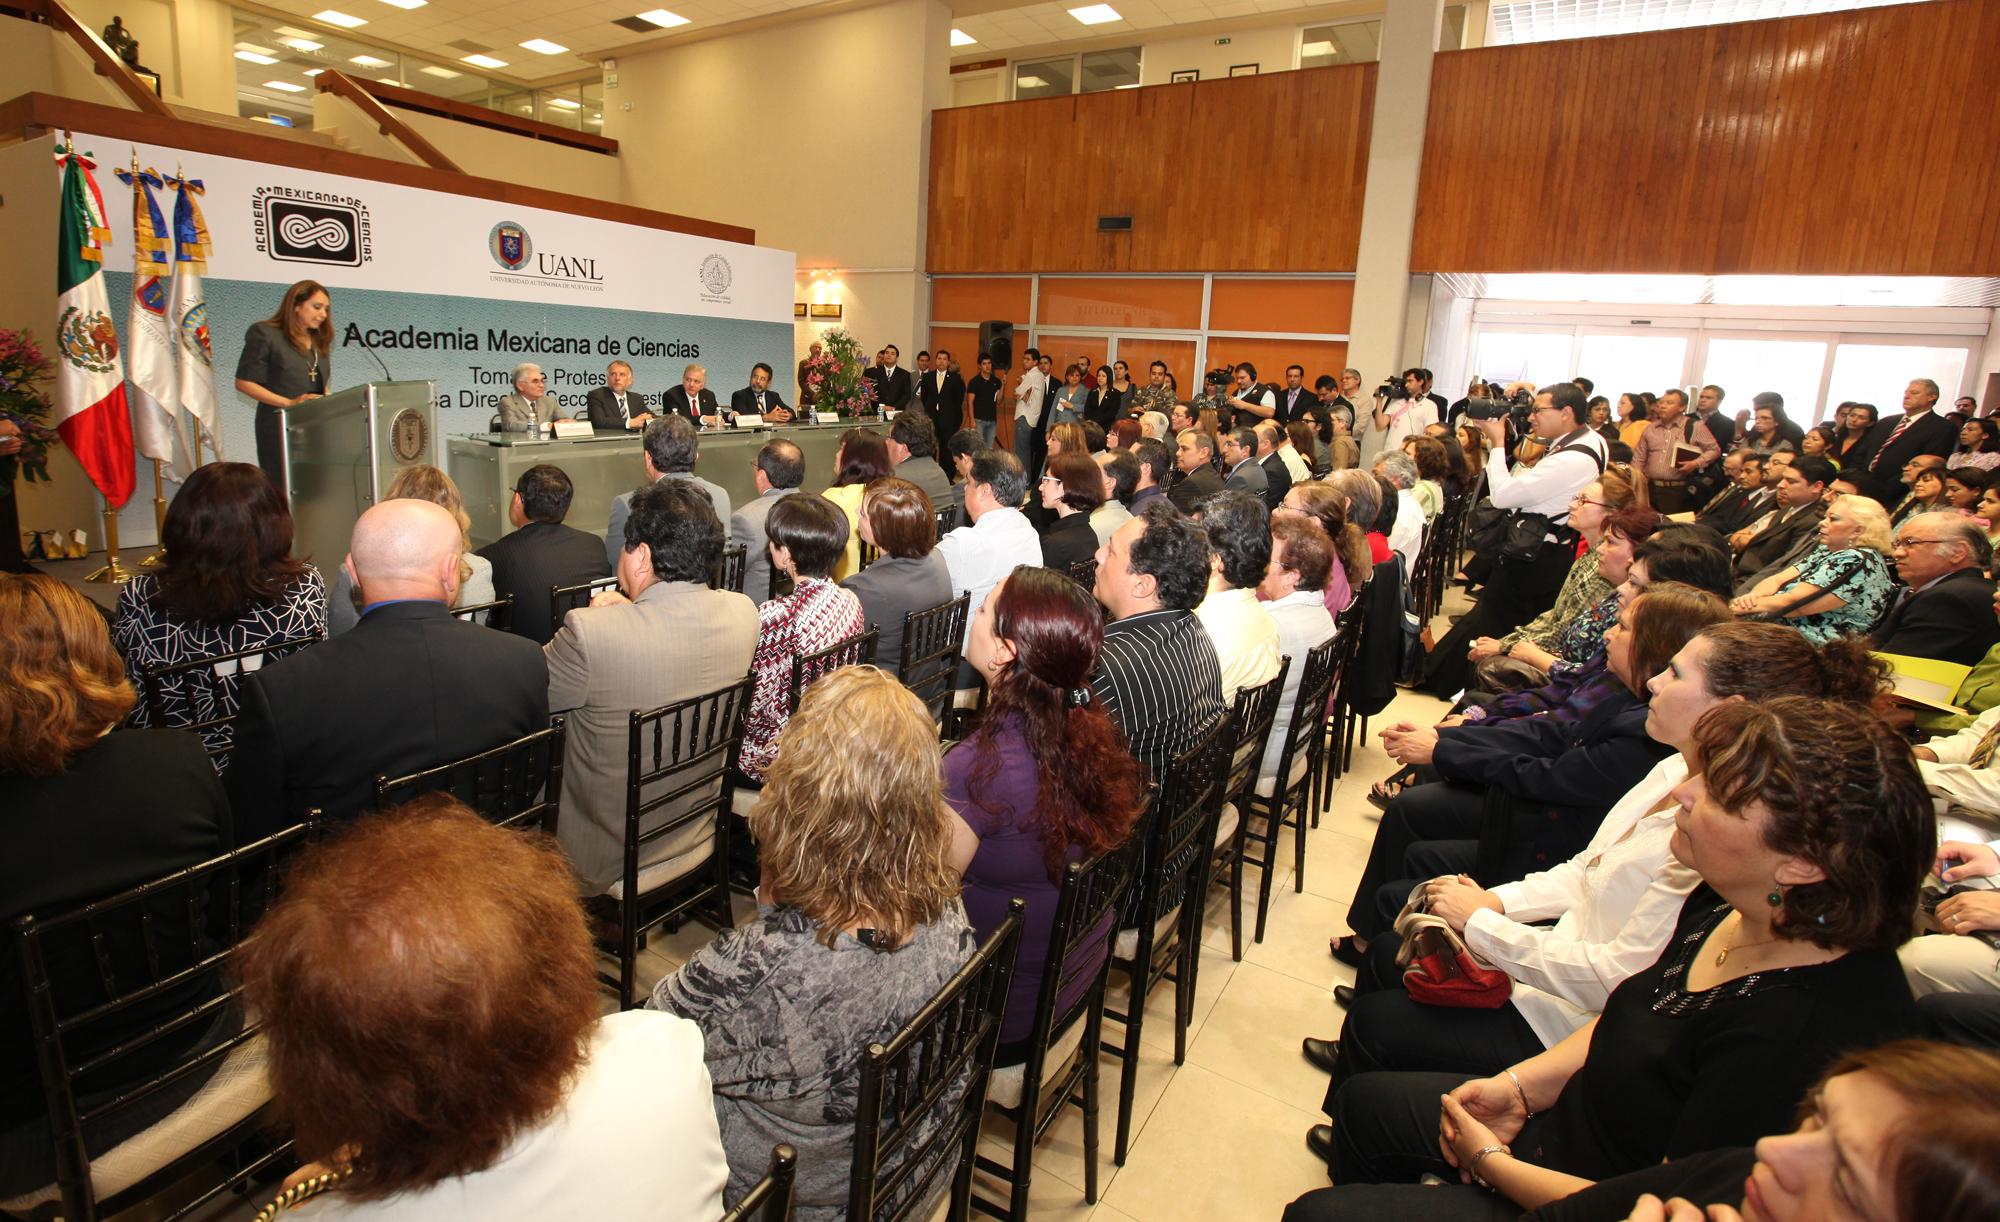 Mensaje de la Dra.Norma Laura Heredia, Presidenta de la Asociación Mexicana de Ciencias Región Noreste